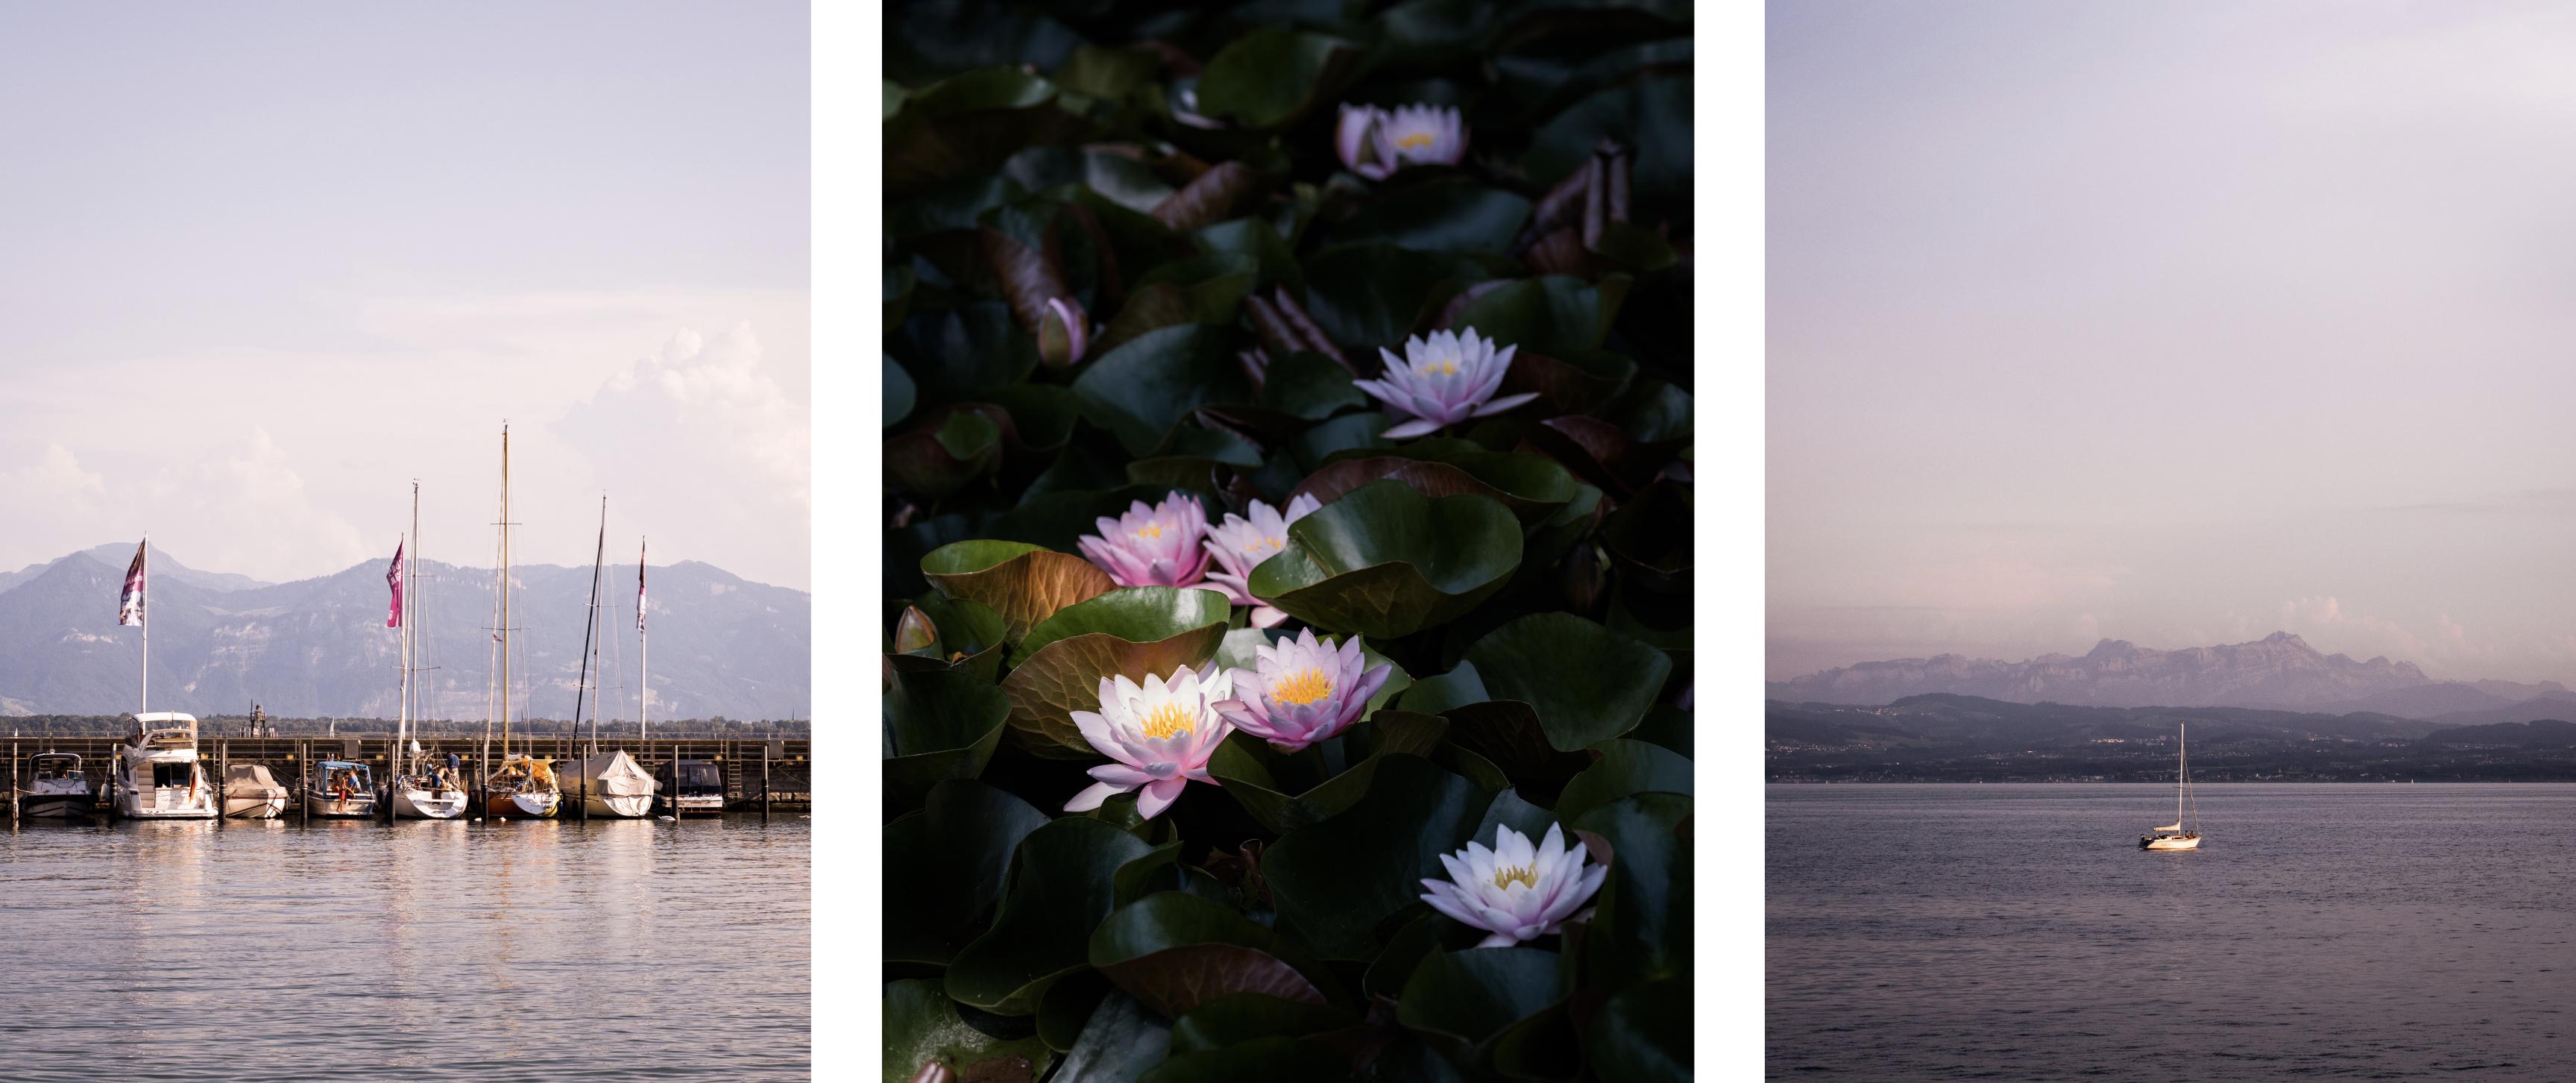 découvrir le lac de Constance - Bodensee ou lac de Constance - que voir sur le lac de Constance - visiter le lac de Constance